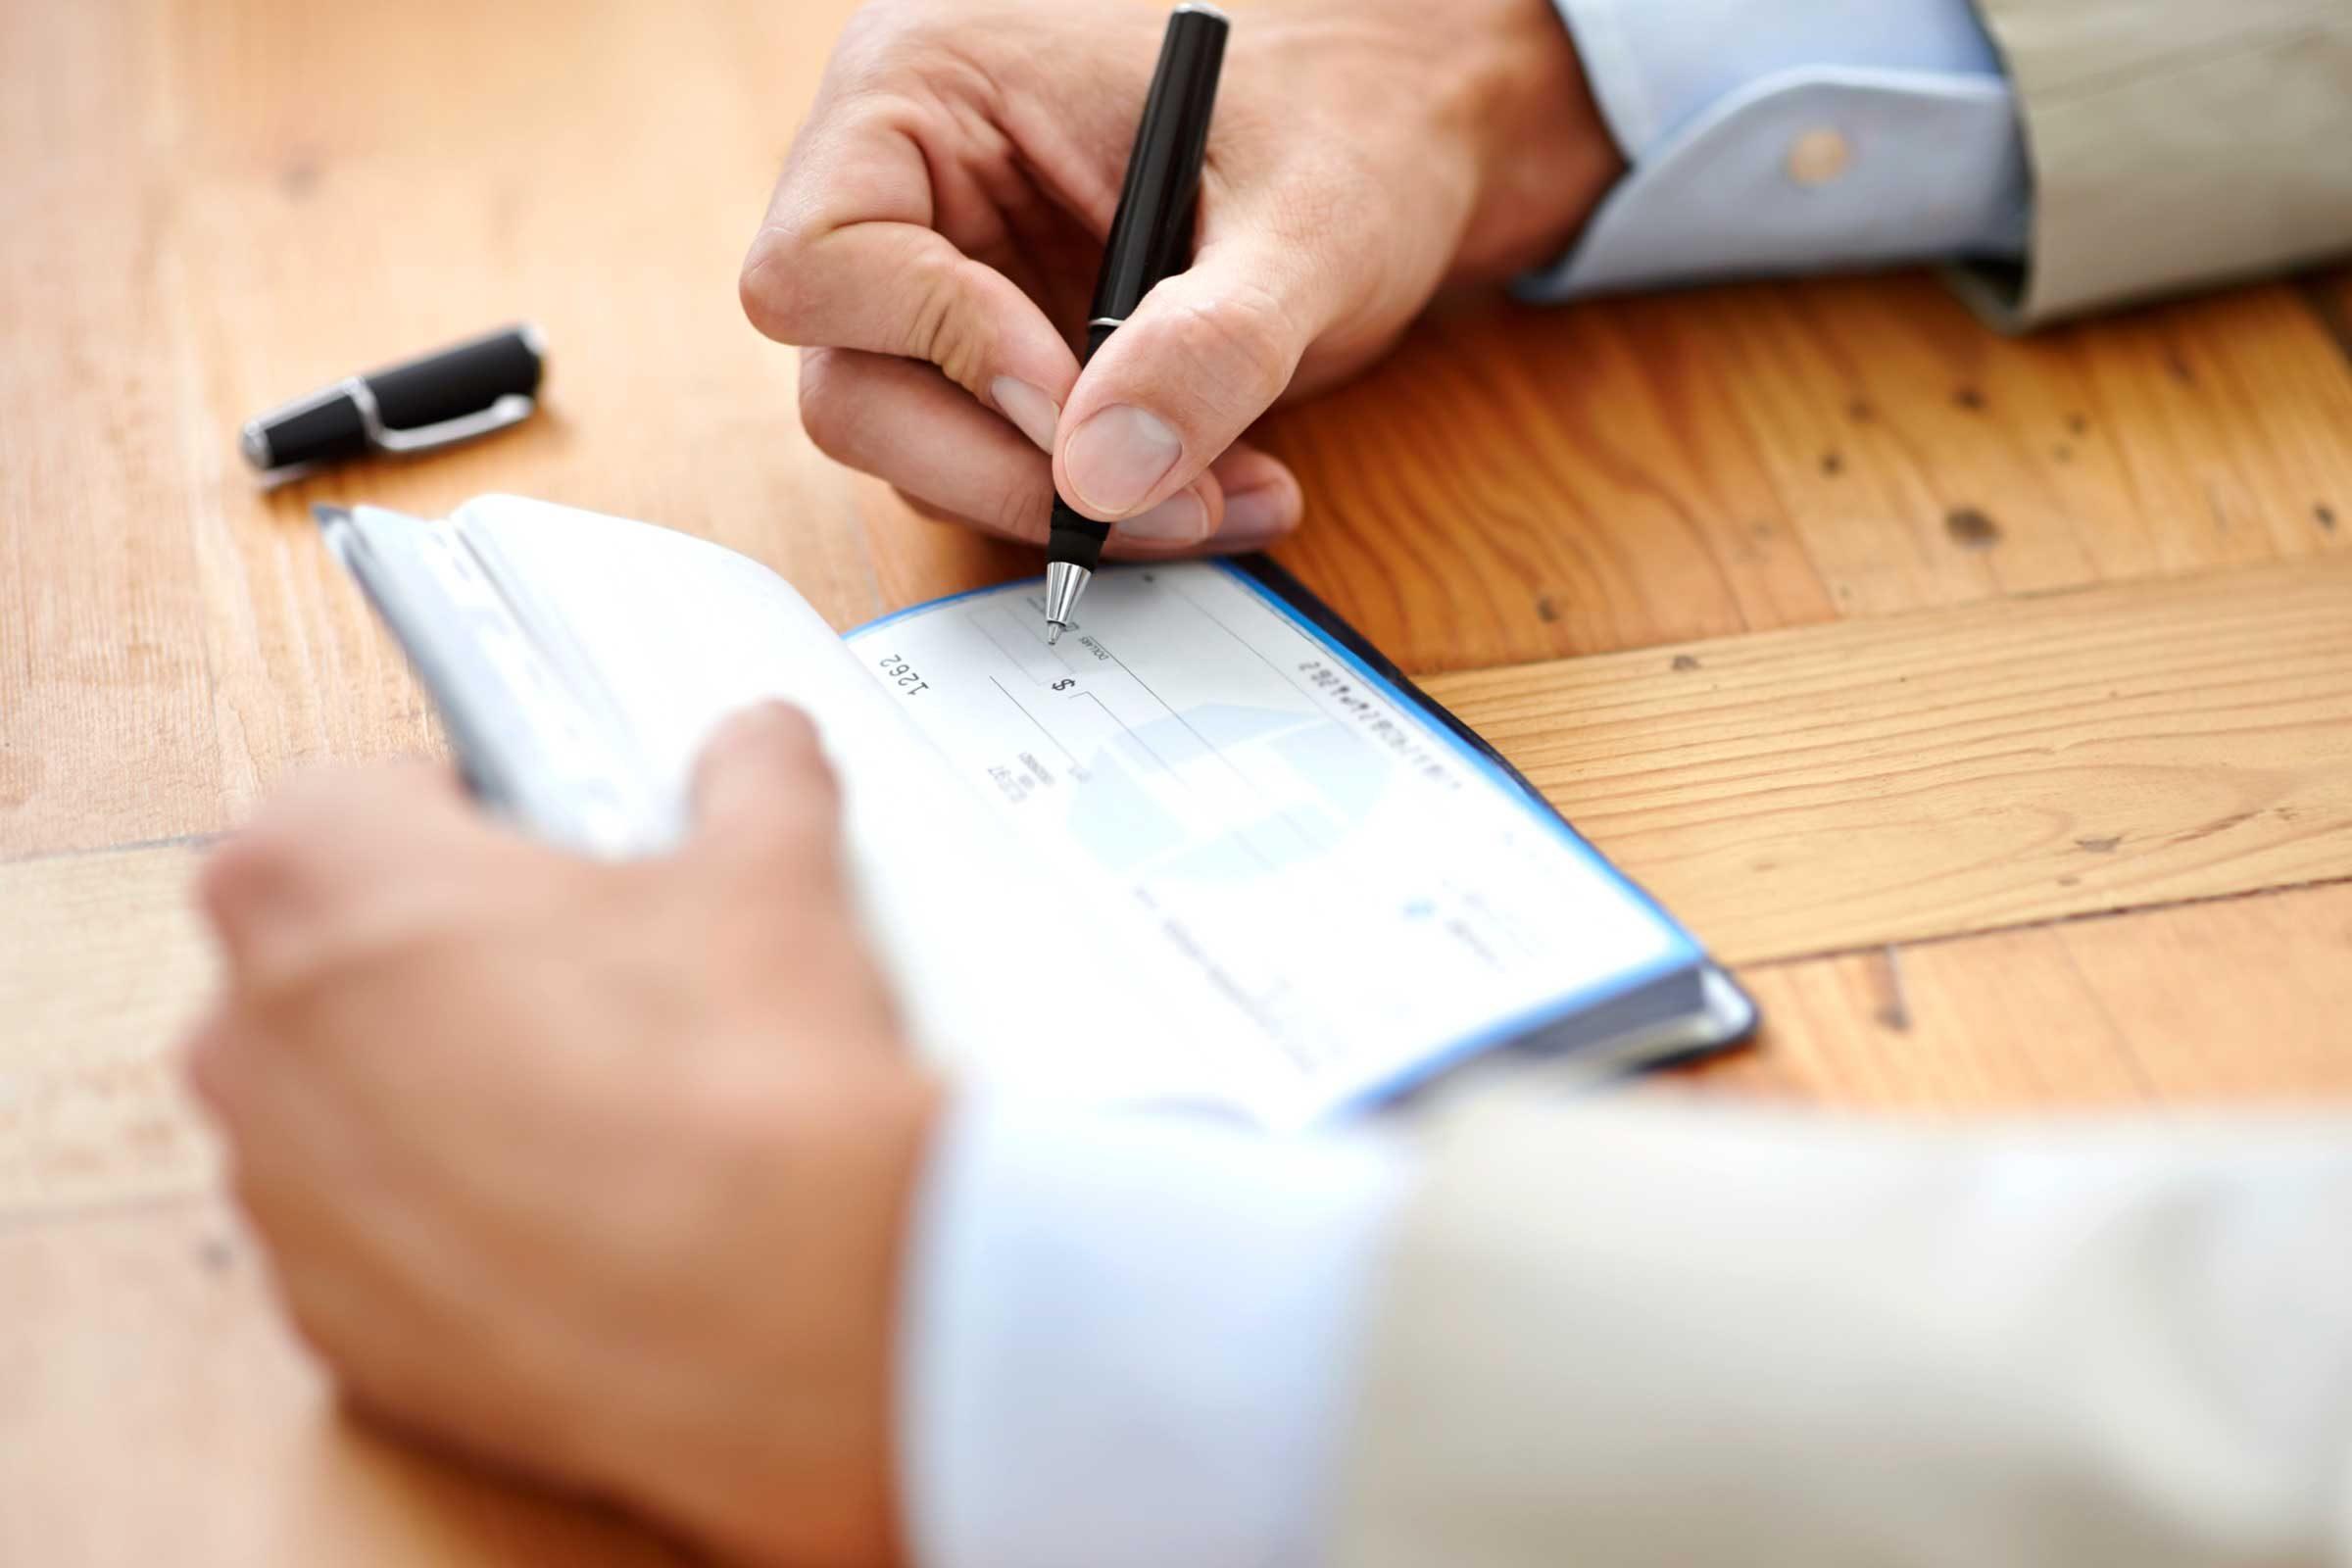 Good savers use cash or checks